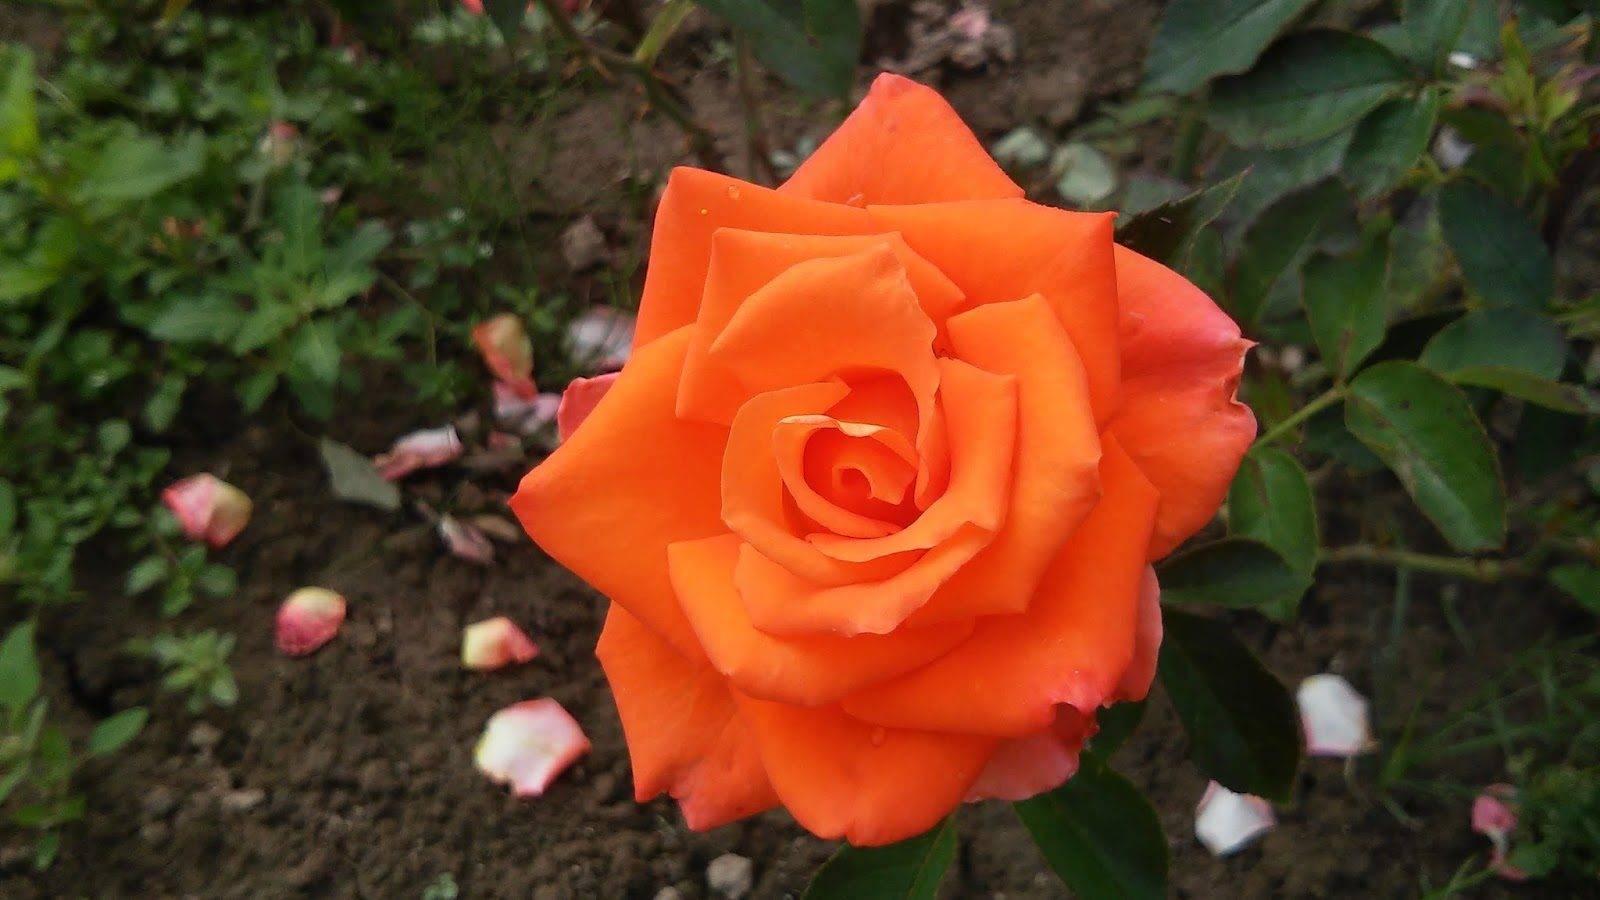 Чайно-гибридные розы: фото и видео лучших сортов с названиями и описанием, чайно-гибридные розы в саду